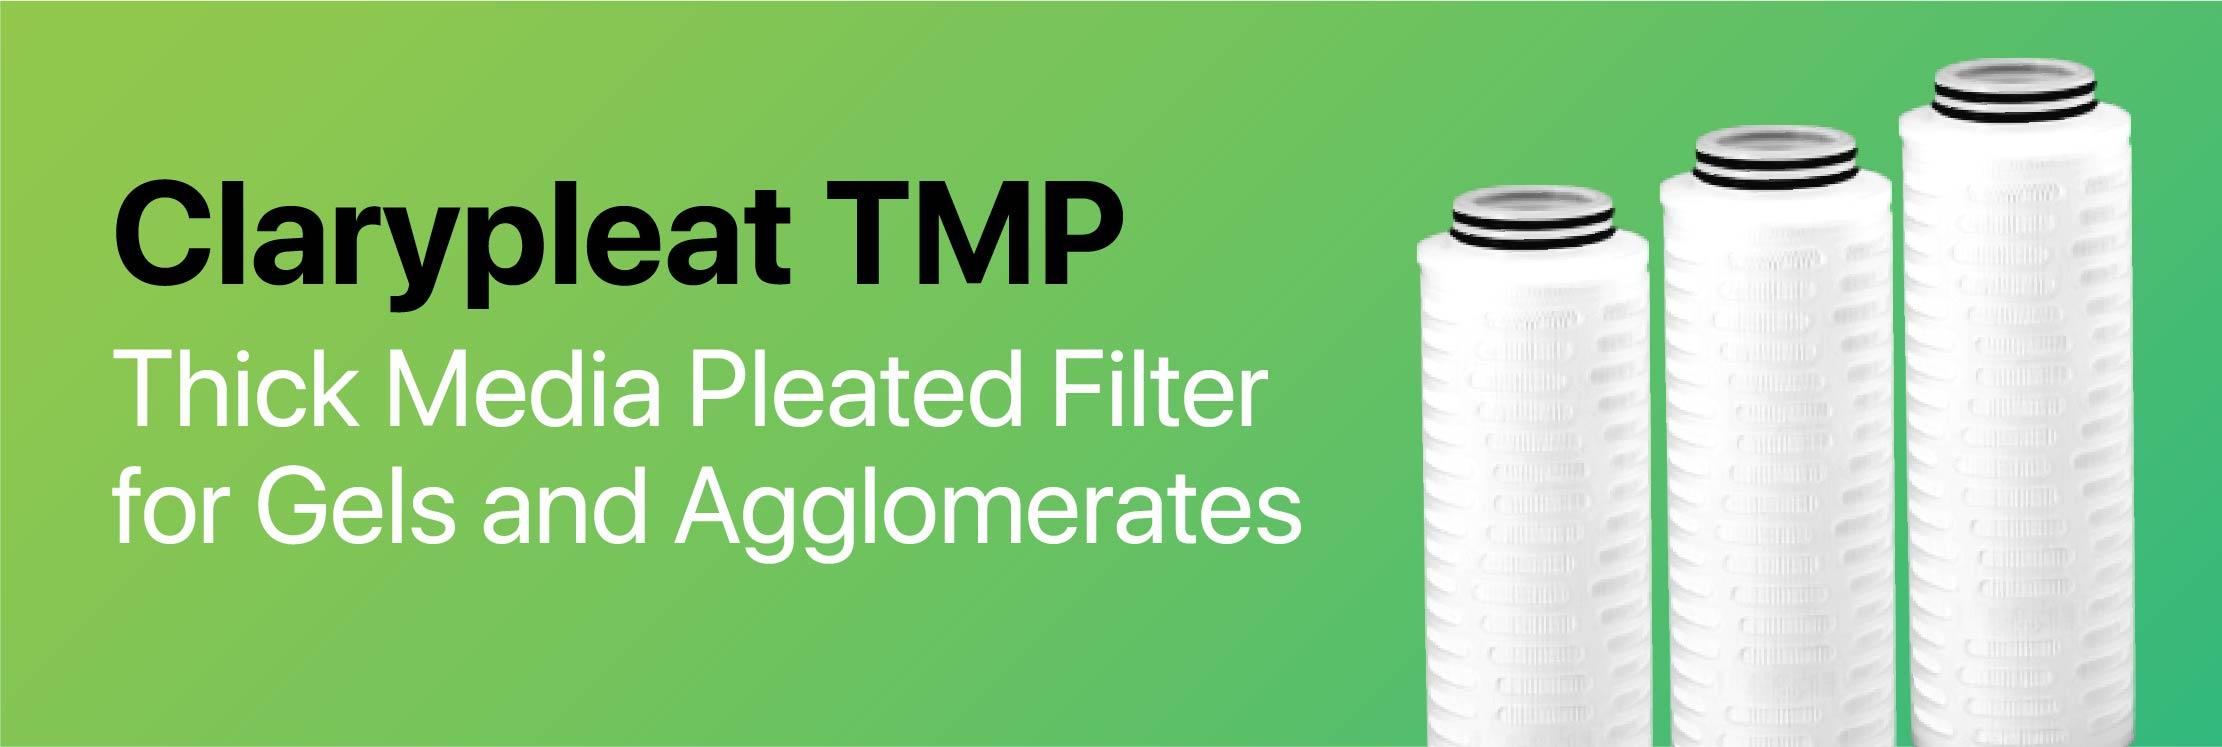 Clarypleat TMP